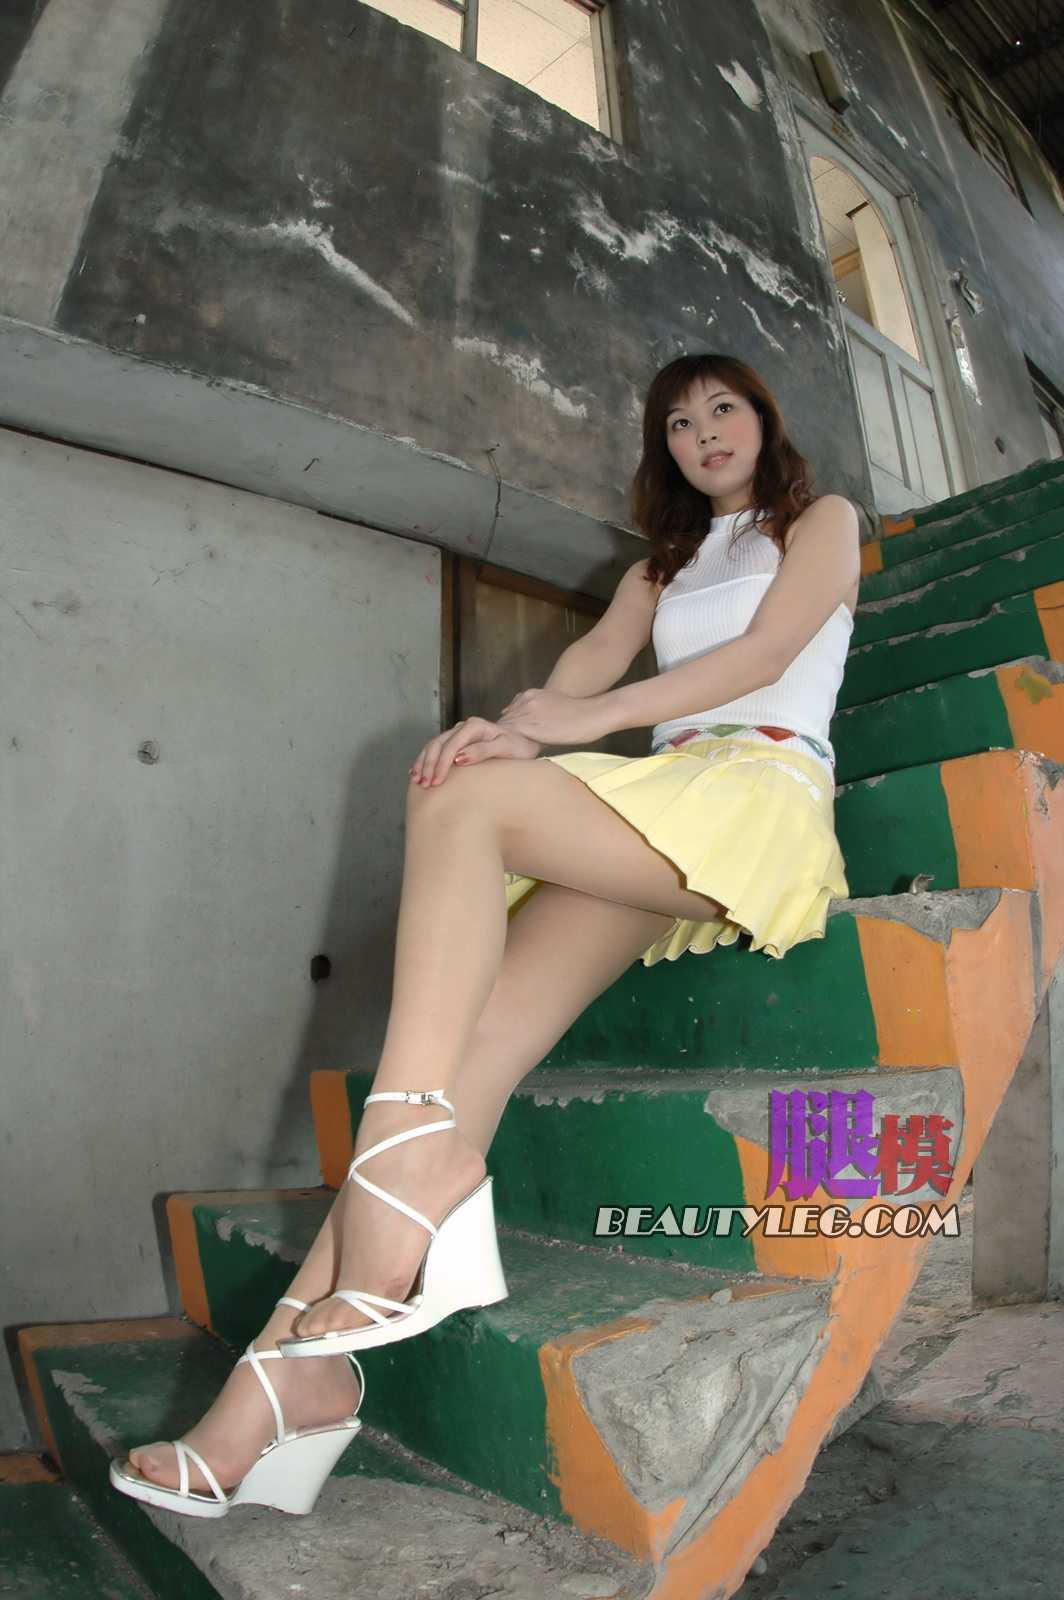 [Beautyleg]2005.05.05 No.013 Ting 第一期 台灣高雄[132P/76.7M]